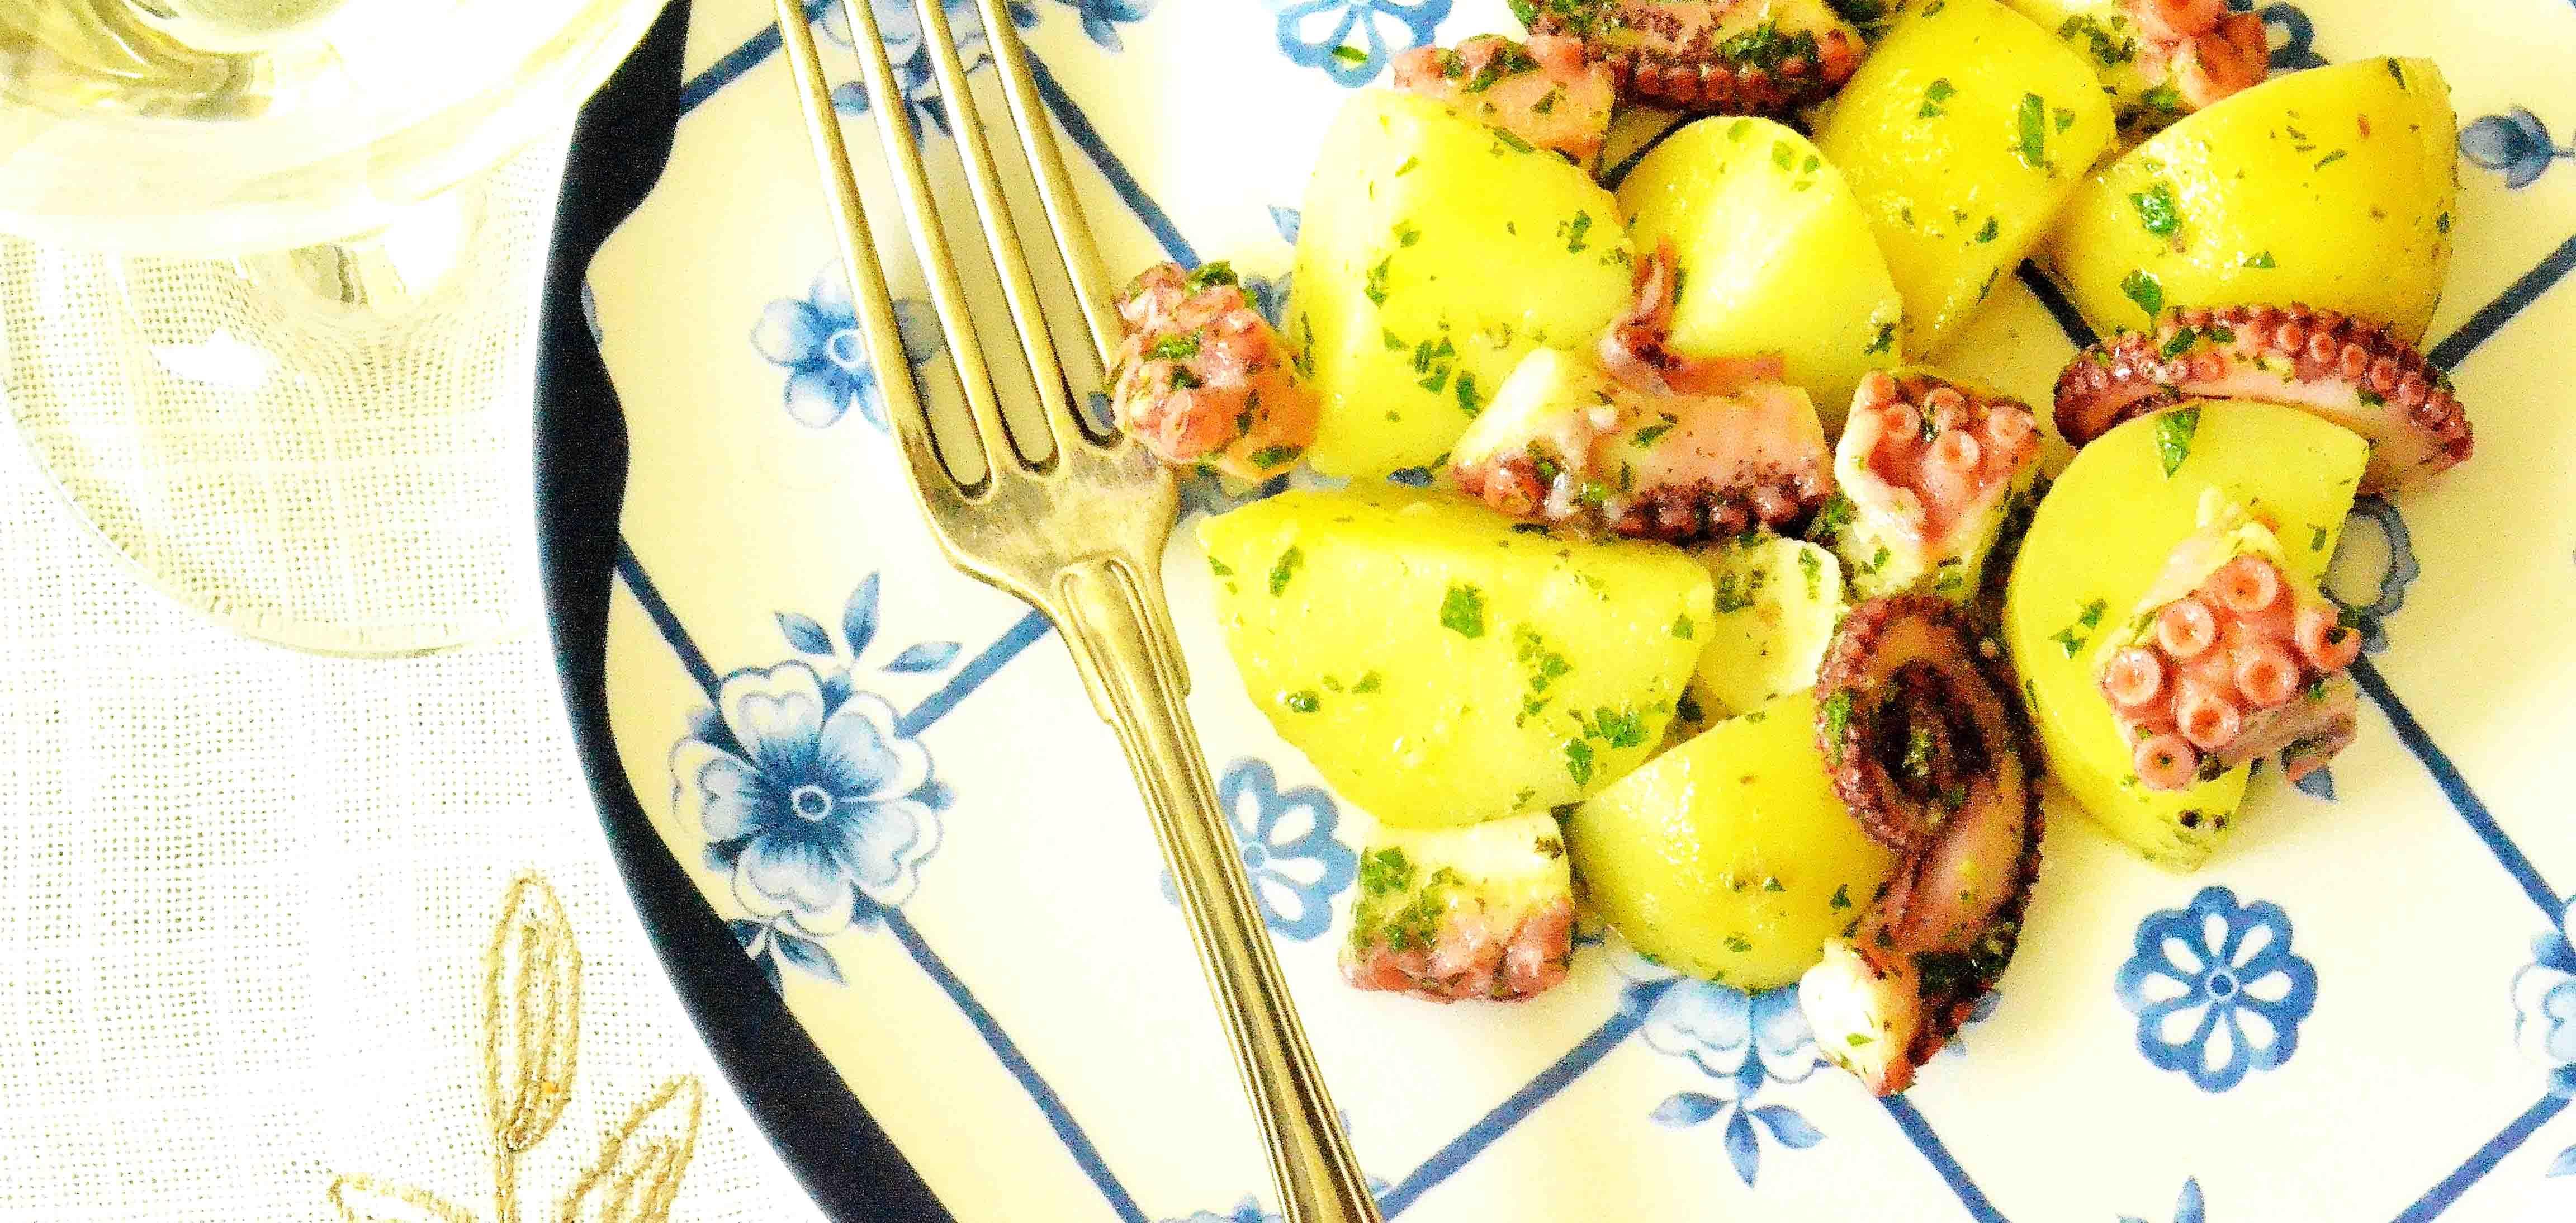 Blækspruttesalat med nye kartofler